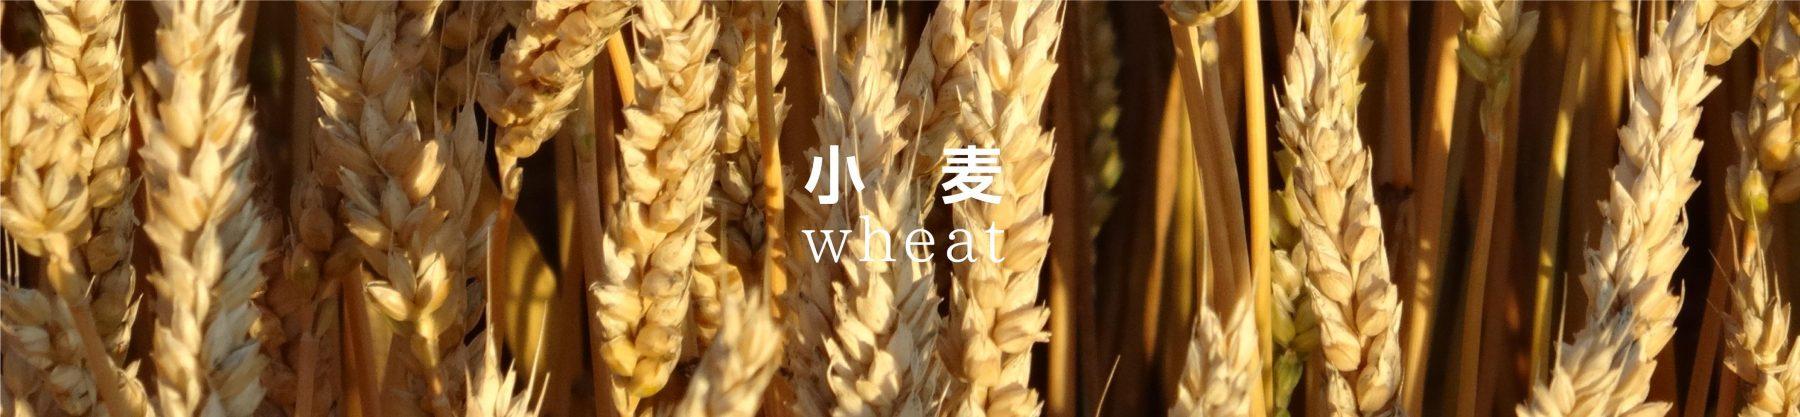 wheat4a